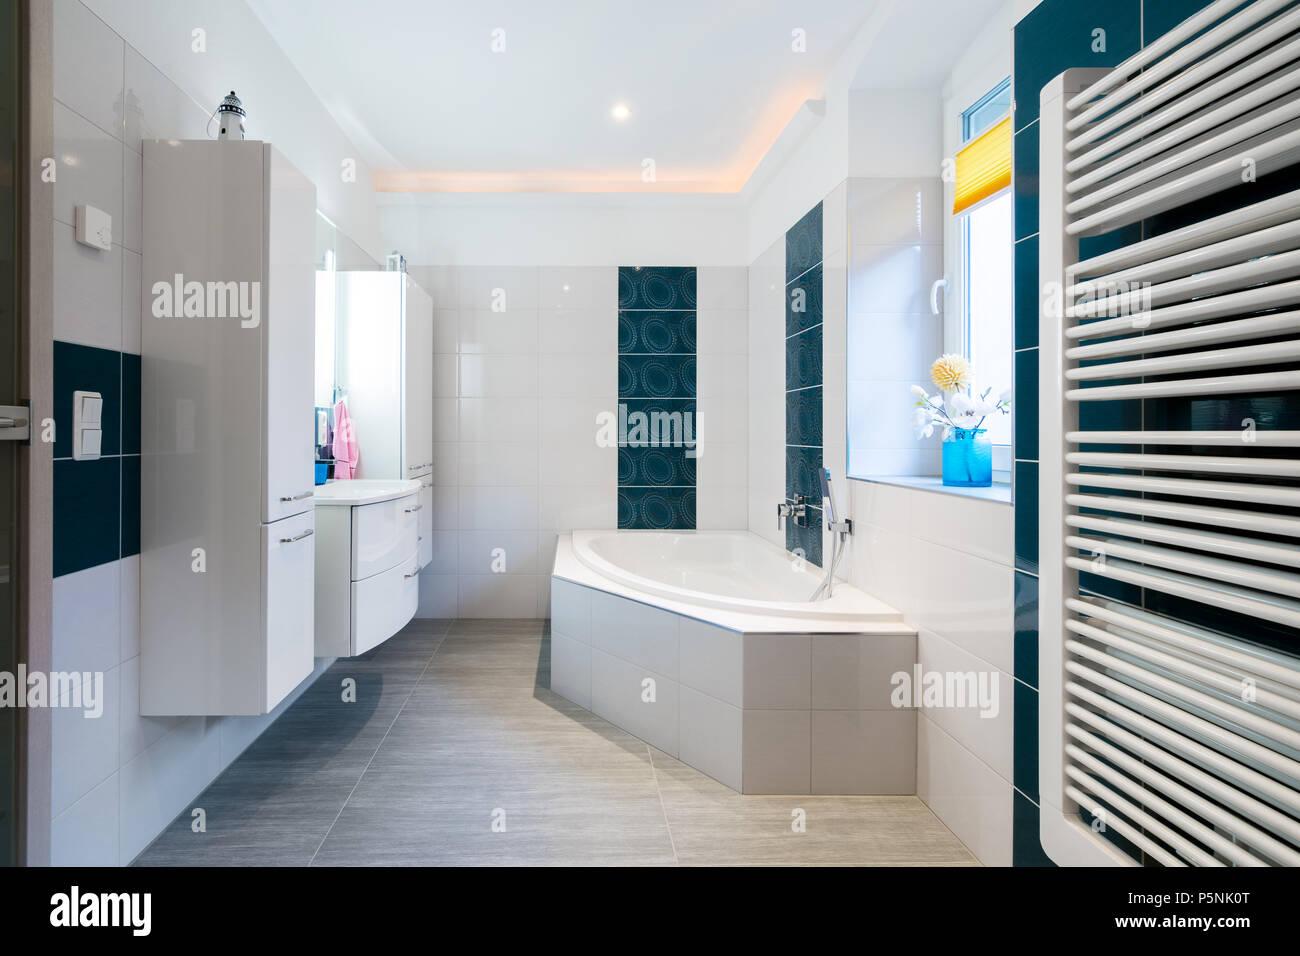 Modernes Badezimmer - glänzend weißen und blauen Fliesen ...